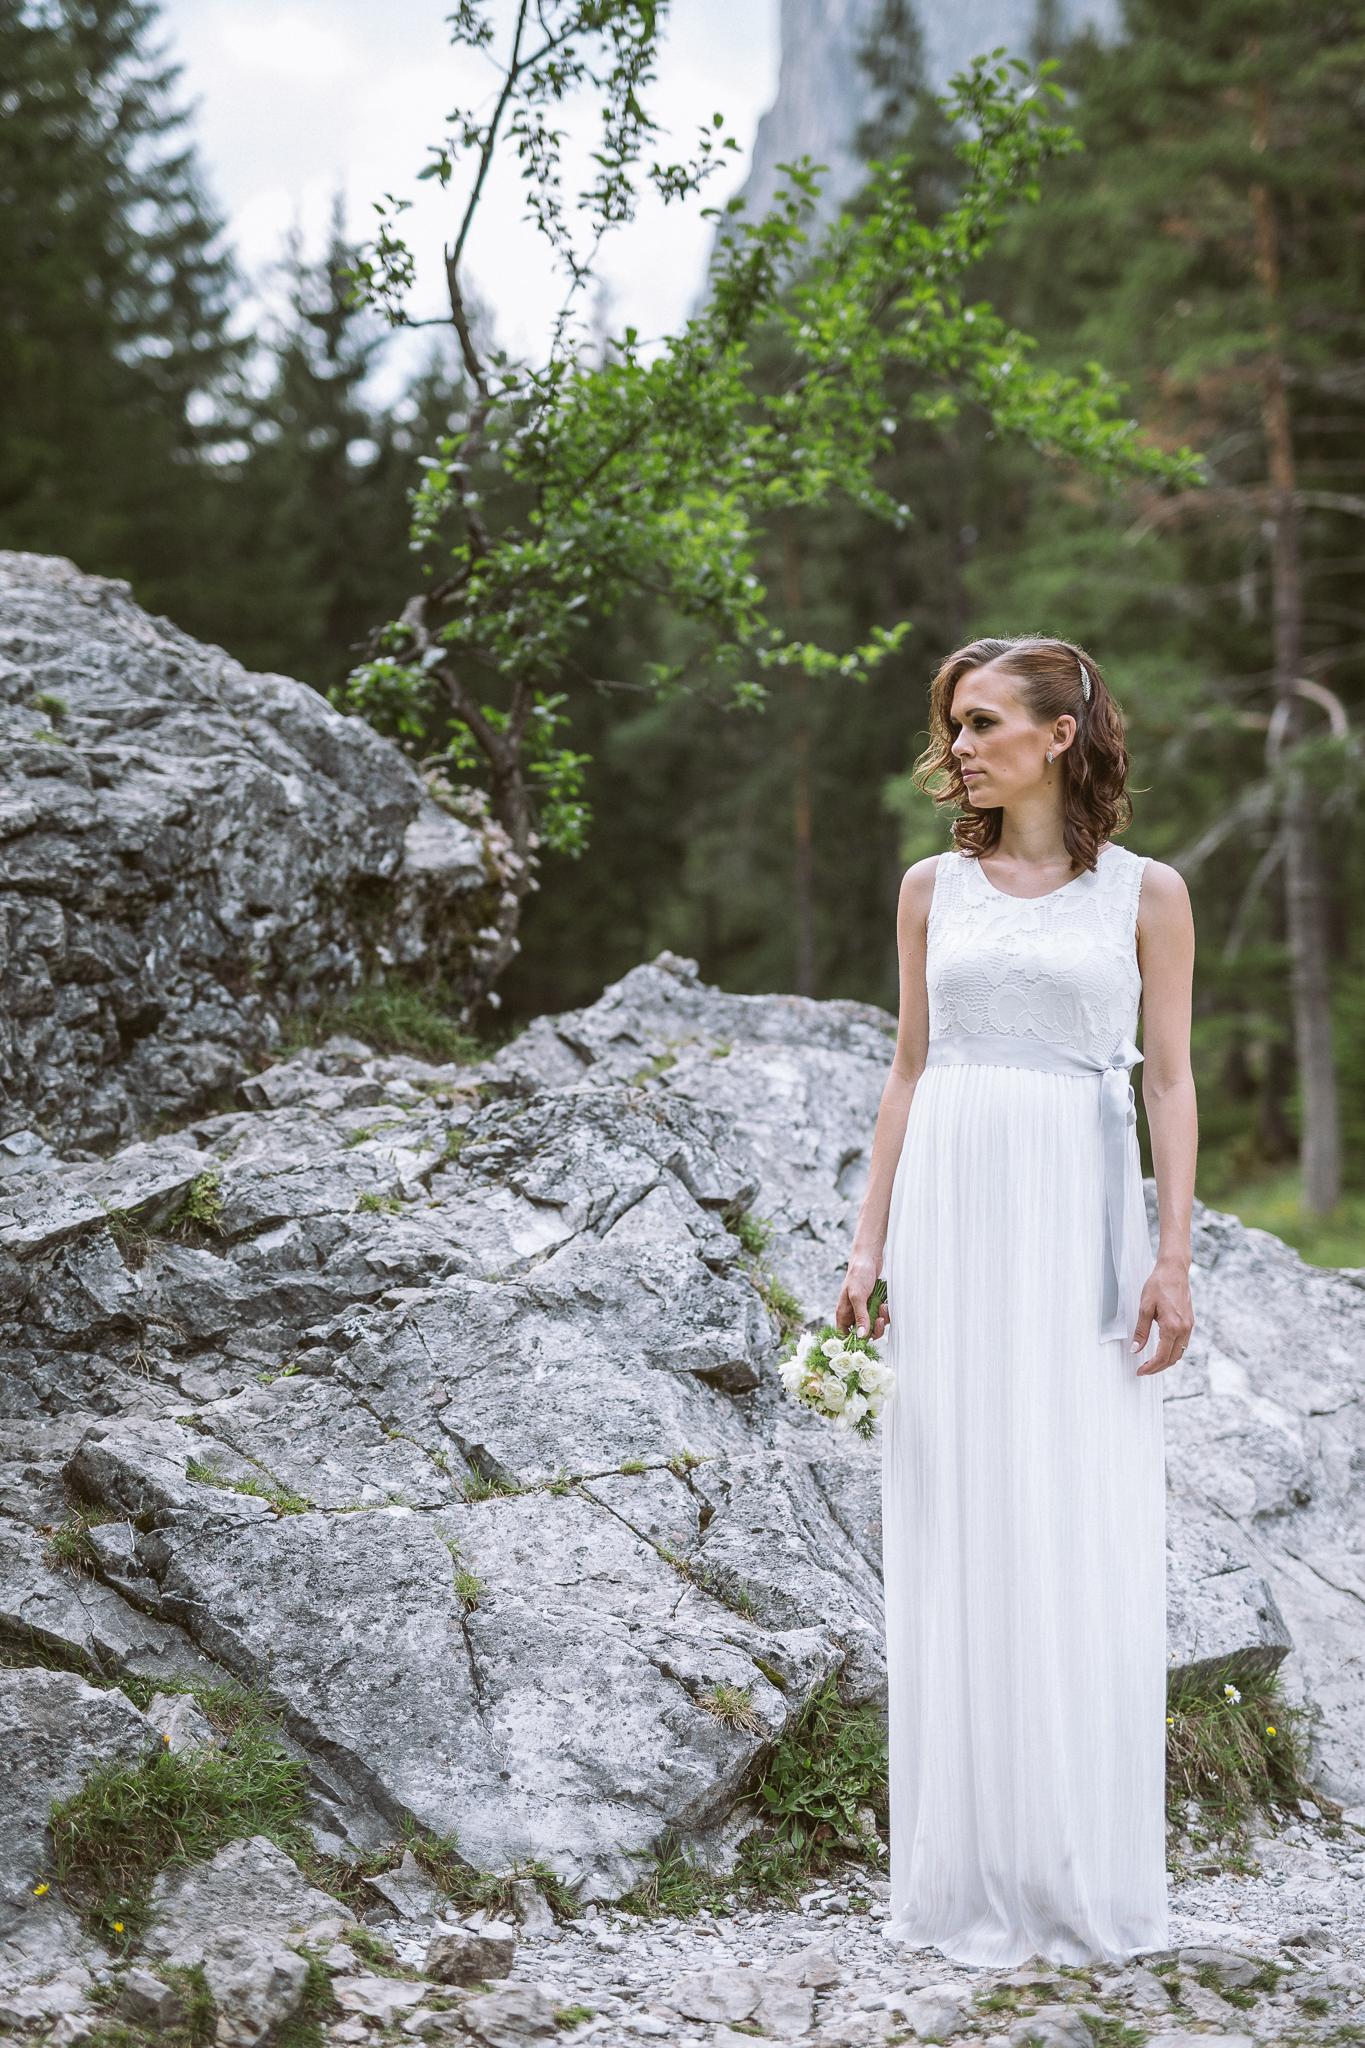 FylepPhoto, esküvőfotózás, magyarország, esküvői fotós, vasmegye, prémium, jegyesfotózás, Fülöp Péter, körmend, kreatív, grüner see_20.jpg